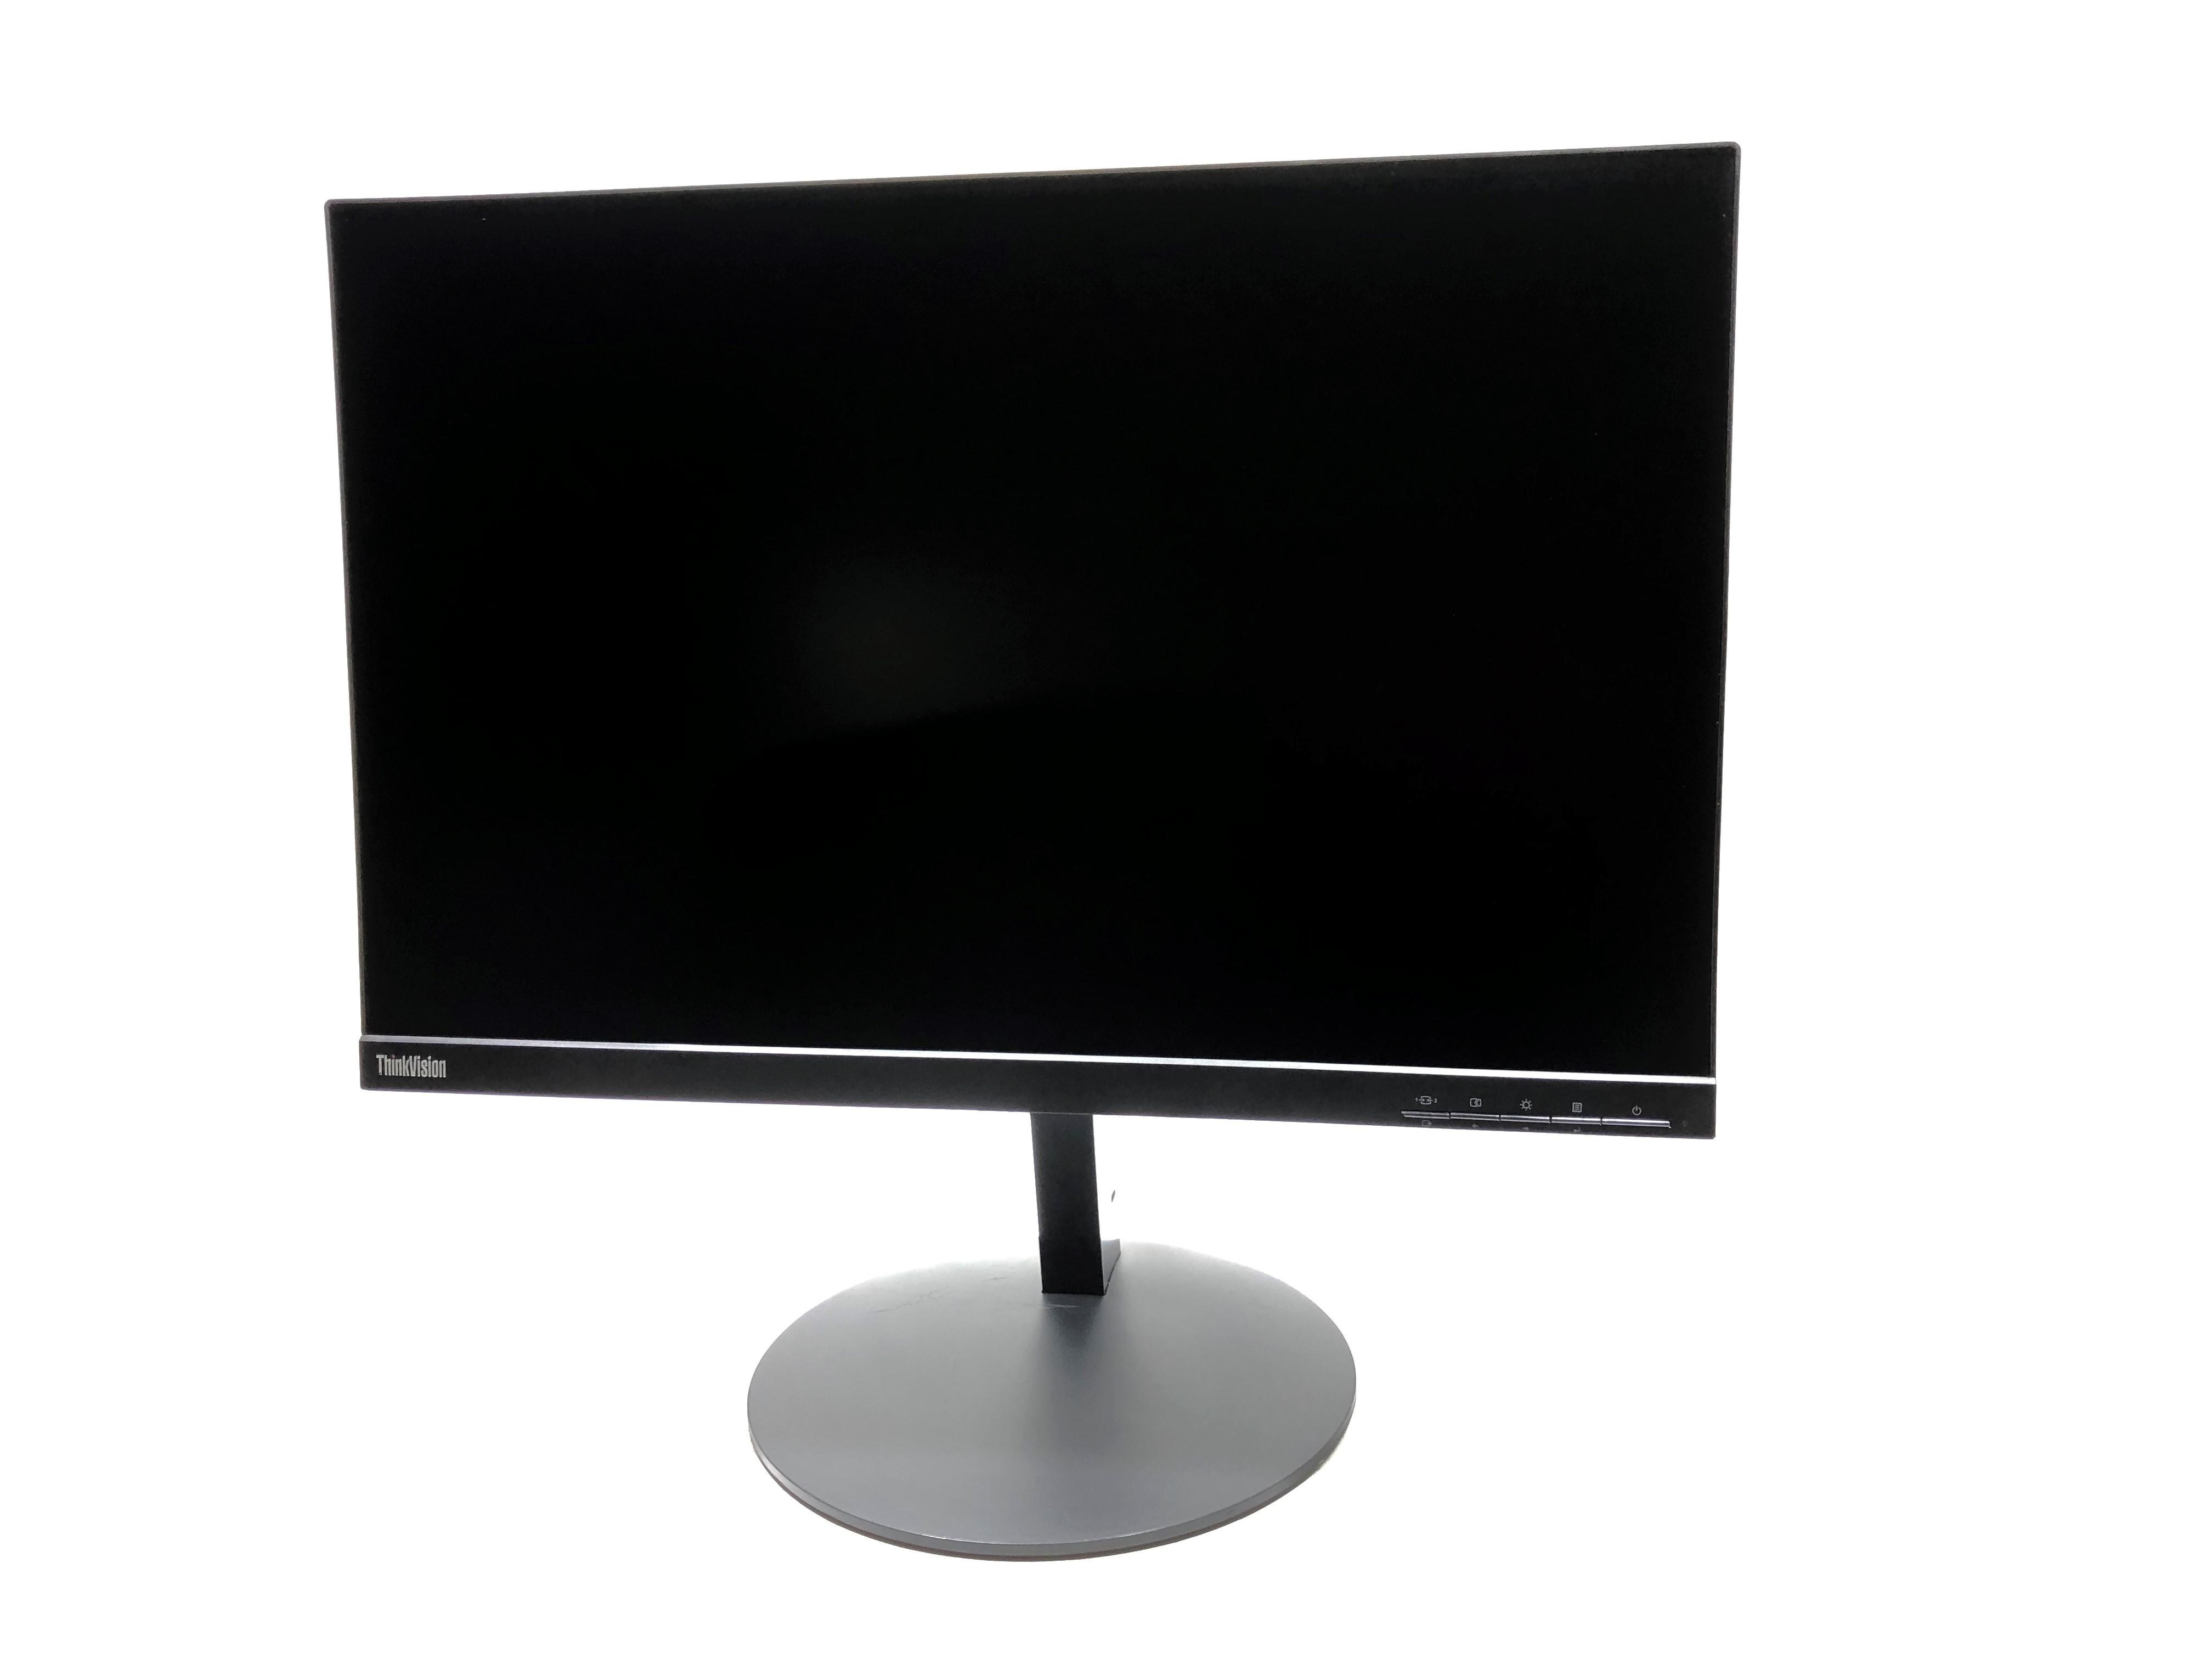 Lenovo-ThinkVision-T24d-10 - 161912